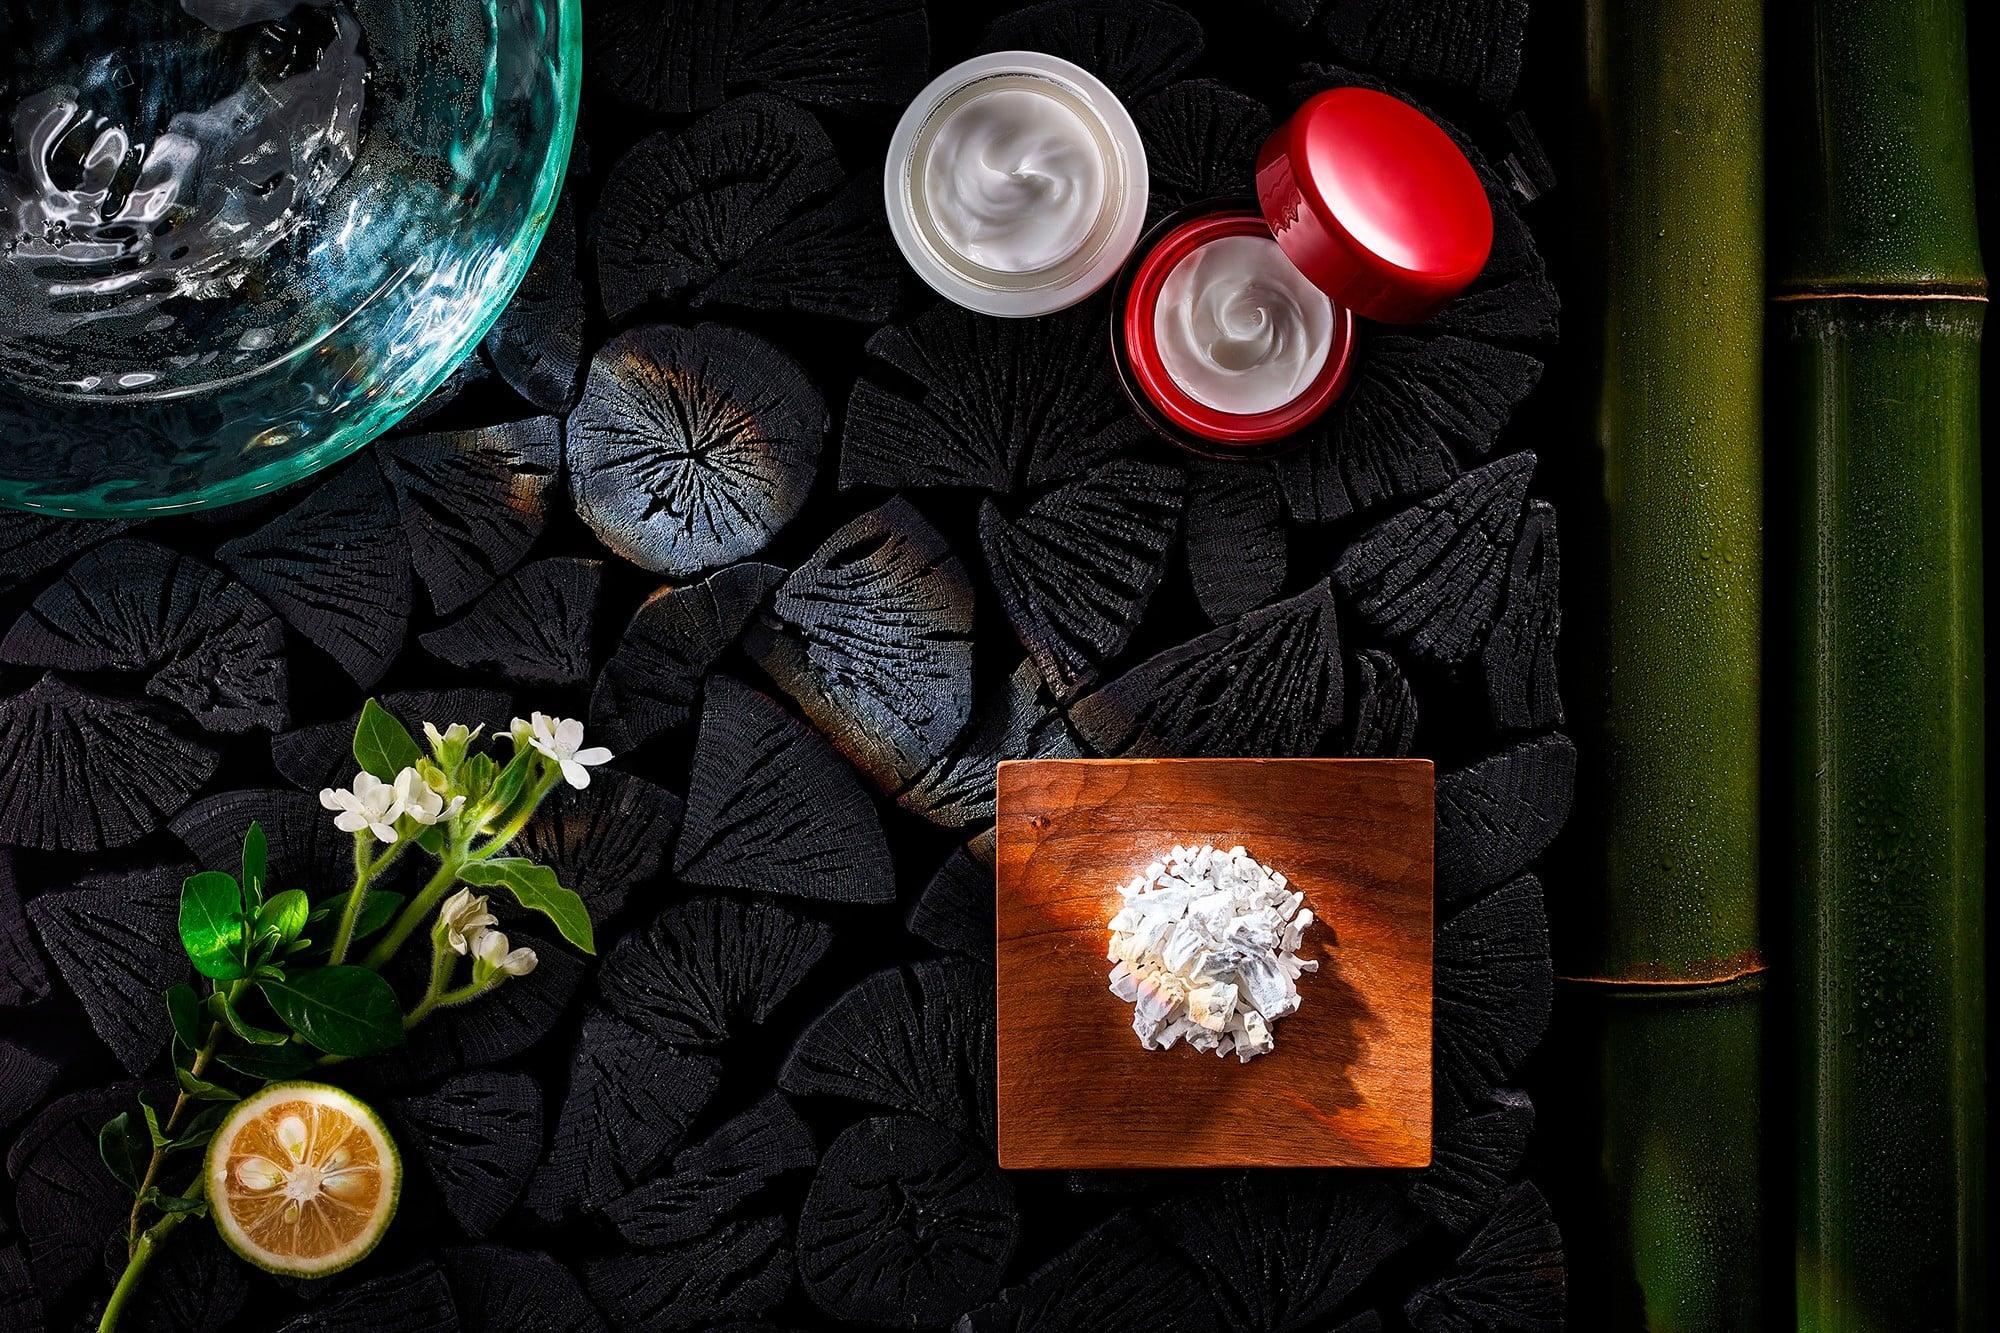 炭や葛などを利用する日本の伝統的な美容成分を取り入れた「ANNAYAKE」のコスメは、世界25か国で展開されている。